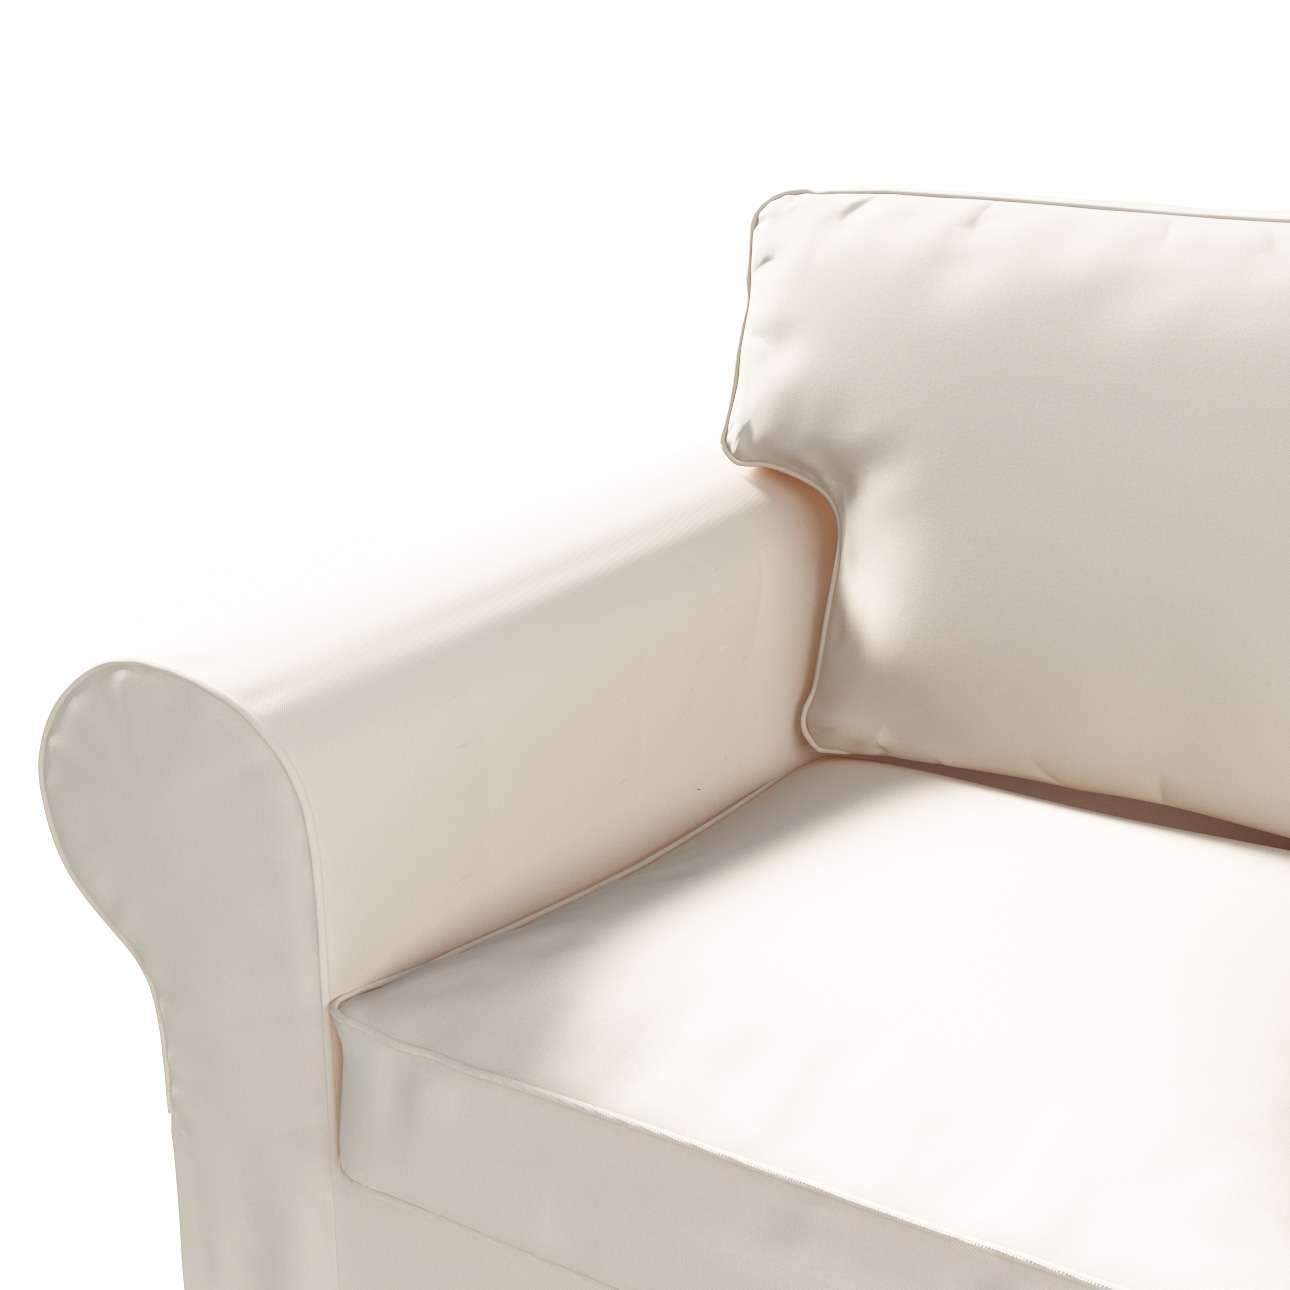 Pokrowiec na sofę Ektorp 2-osobową, rozkładaną STARY MODEL Sofa Ektorp 2-osobowa rozkładana w kolekcji Etna , tkanina: 705-01